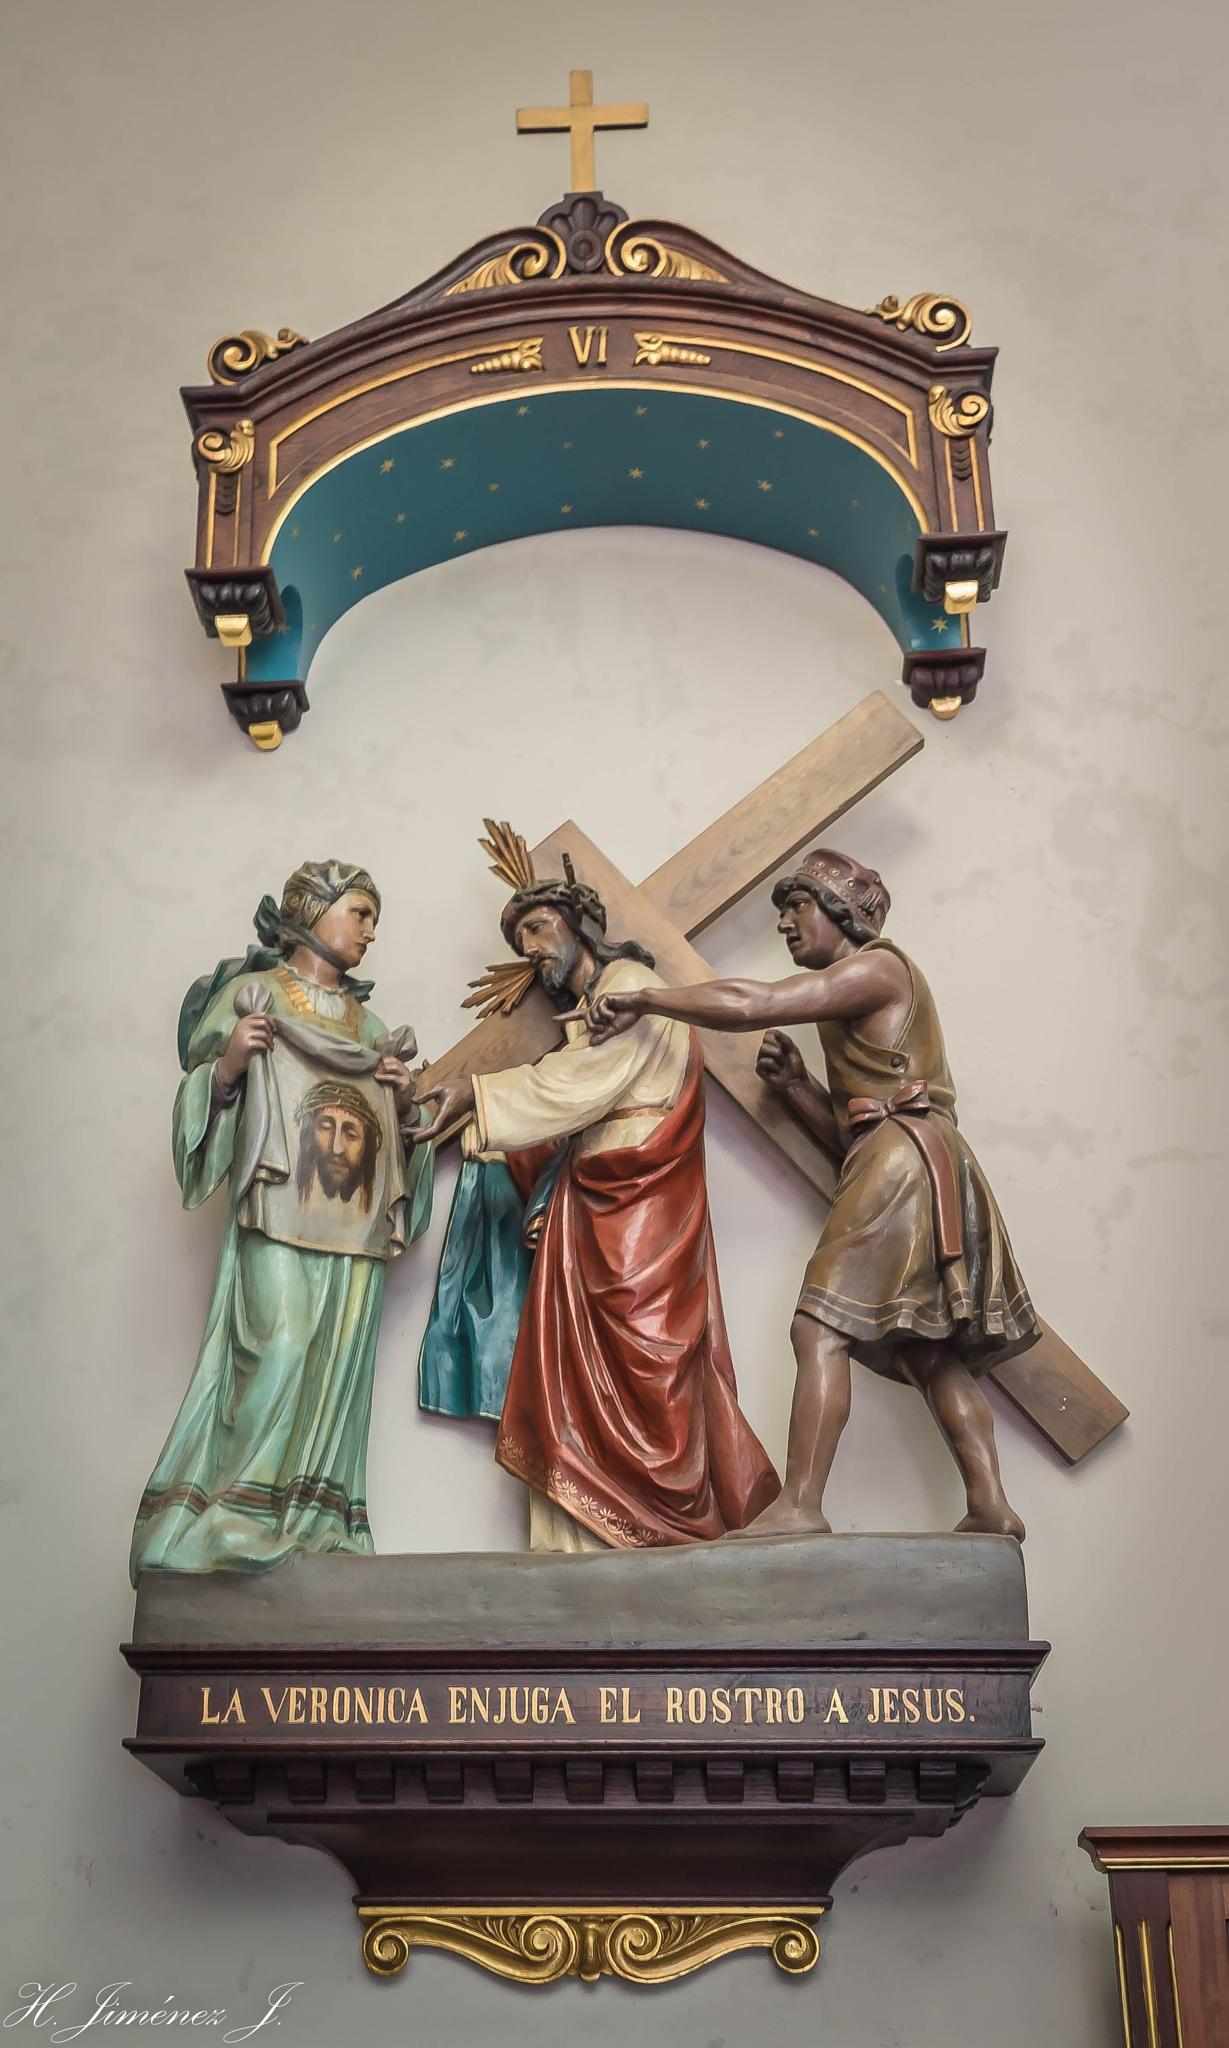 Arte religioso. by Henry Jiménez J